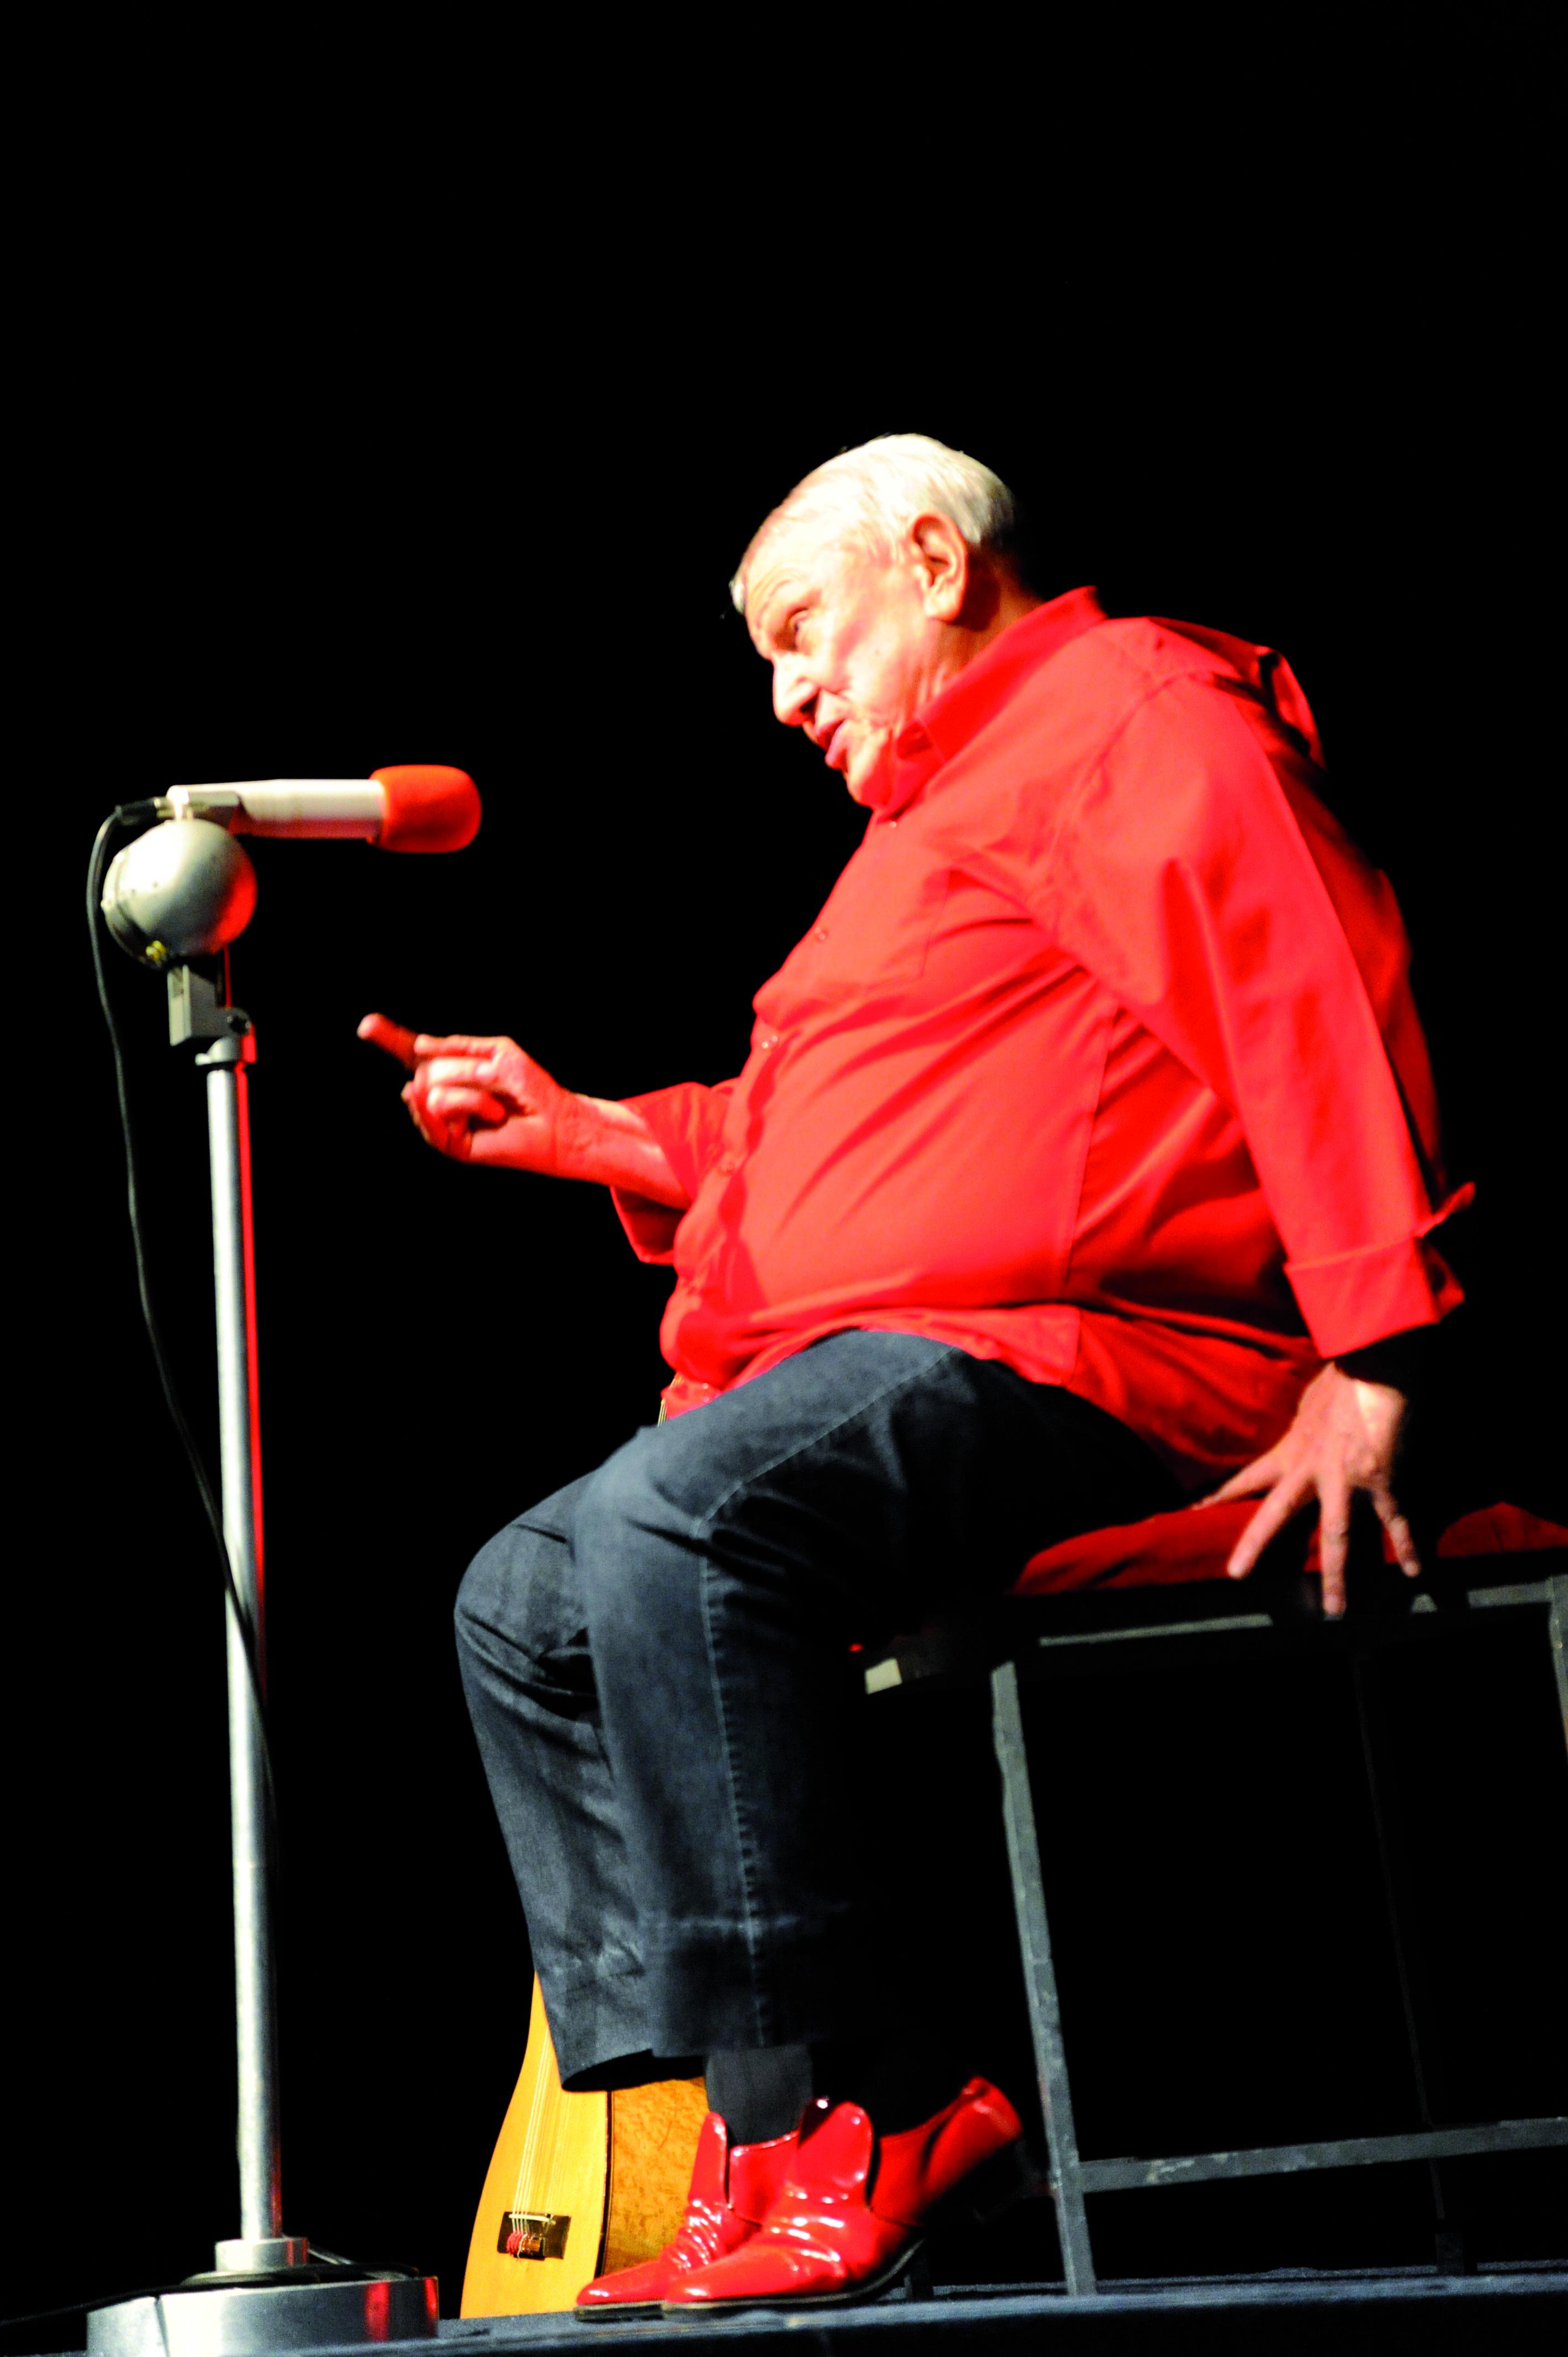 Em frente ao microfone, uma rajada de bom humor há mais de 50 anos (Foto: Divulgação)